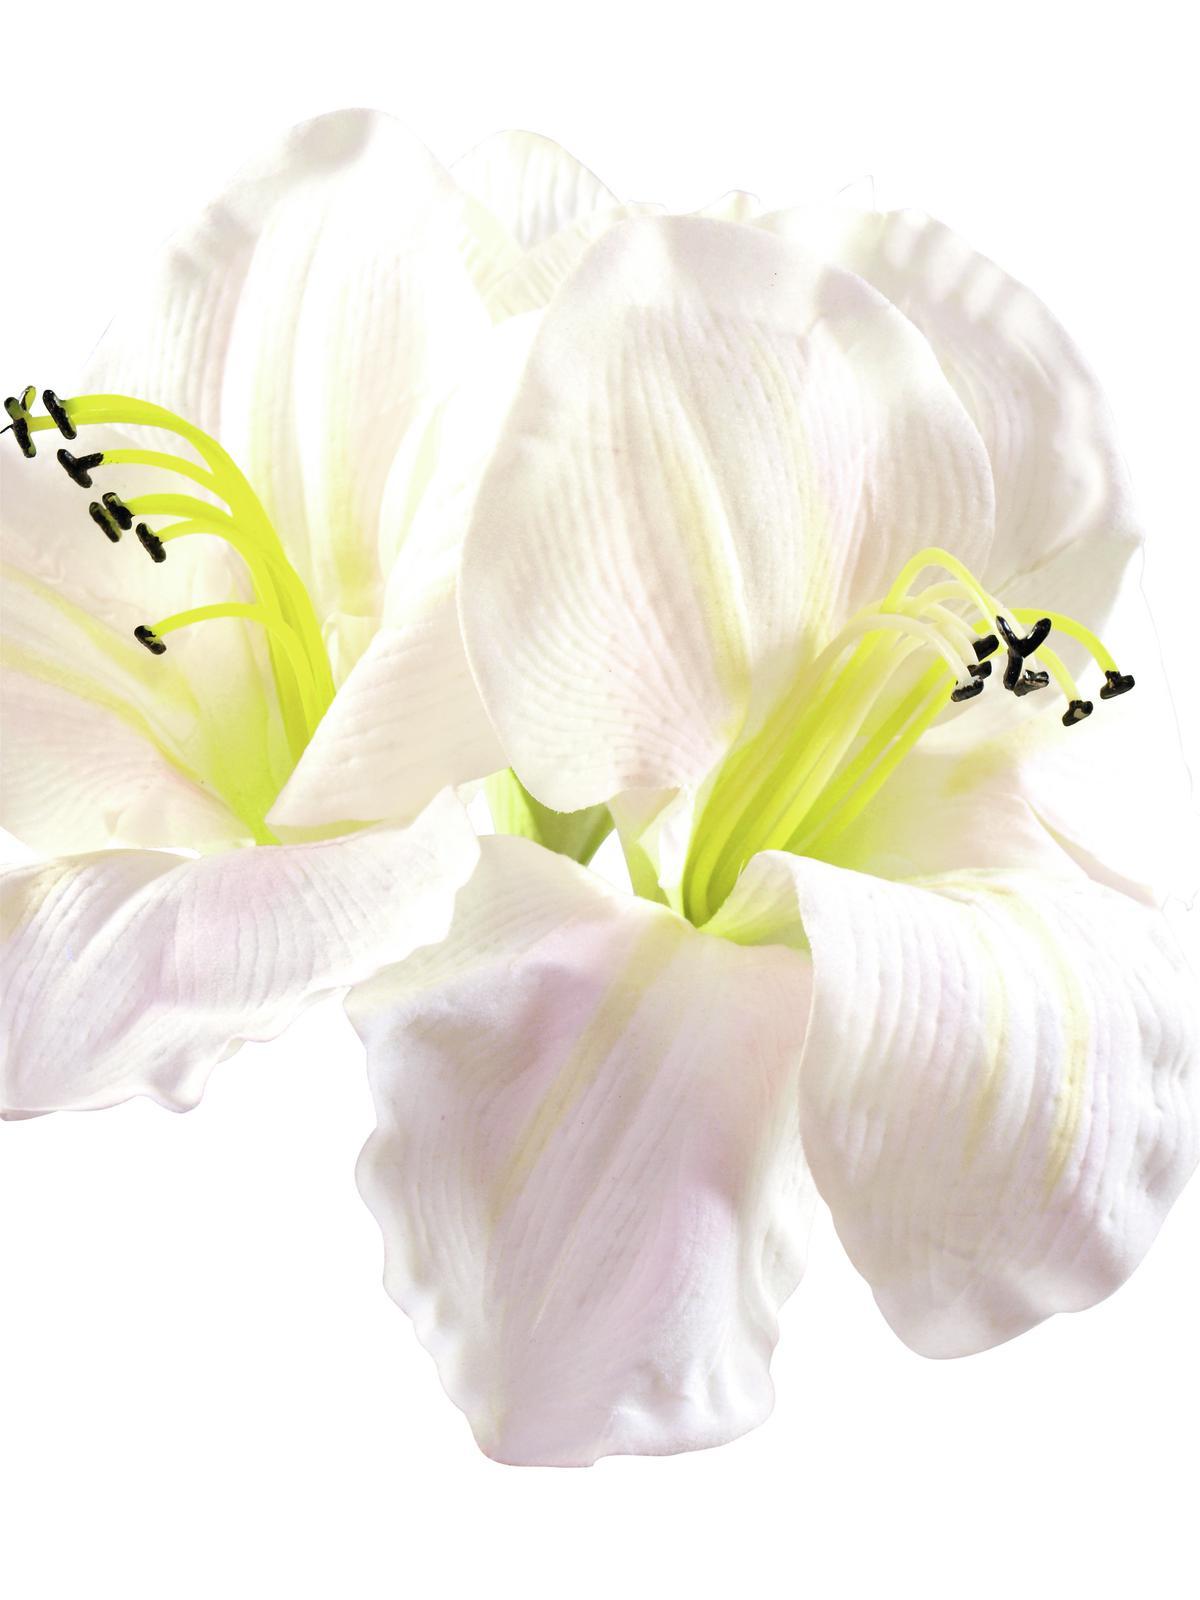 EUROPALMS Amarylliszweig, künstlich, weiß, 72cm